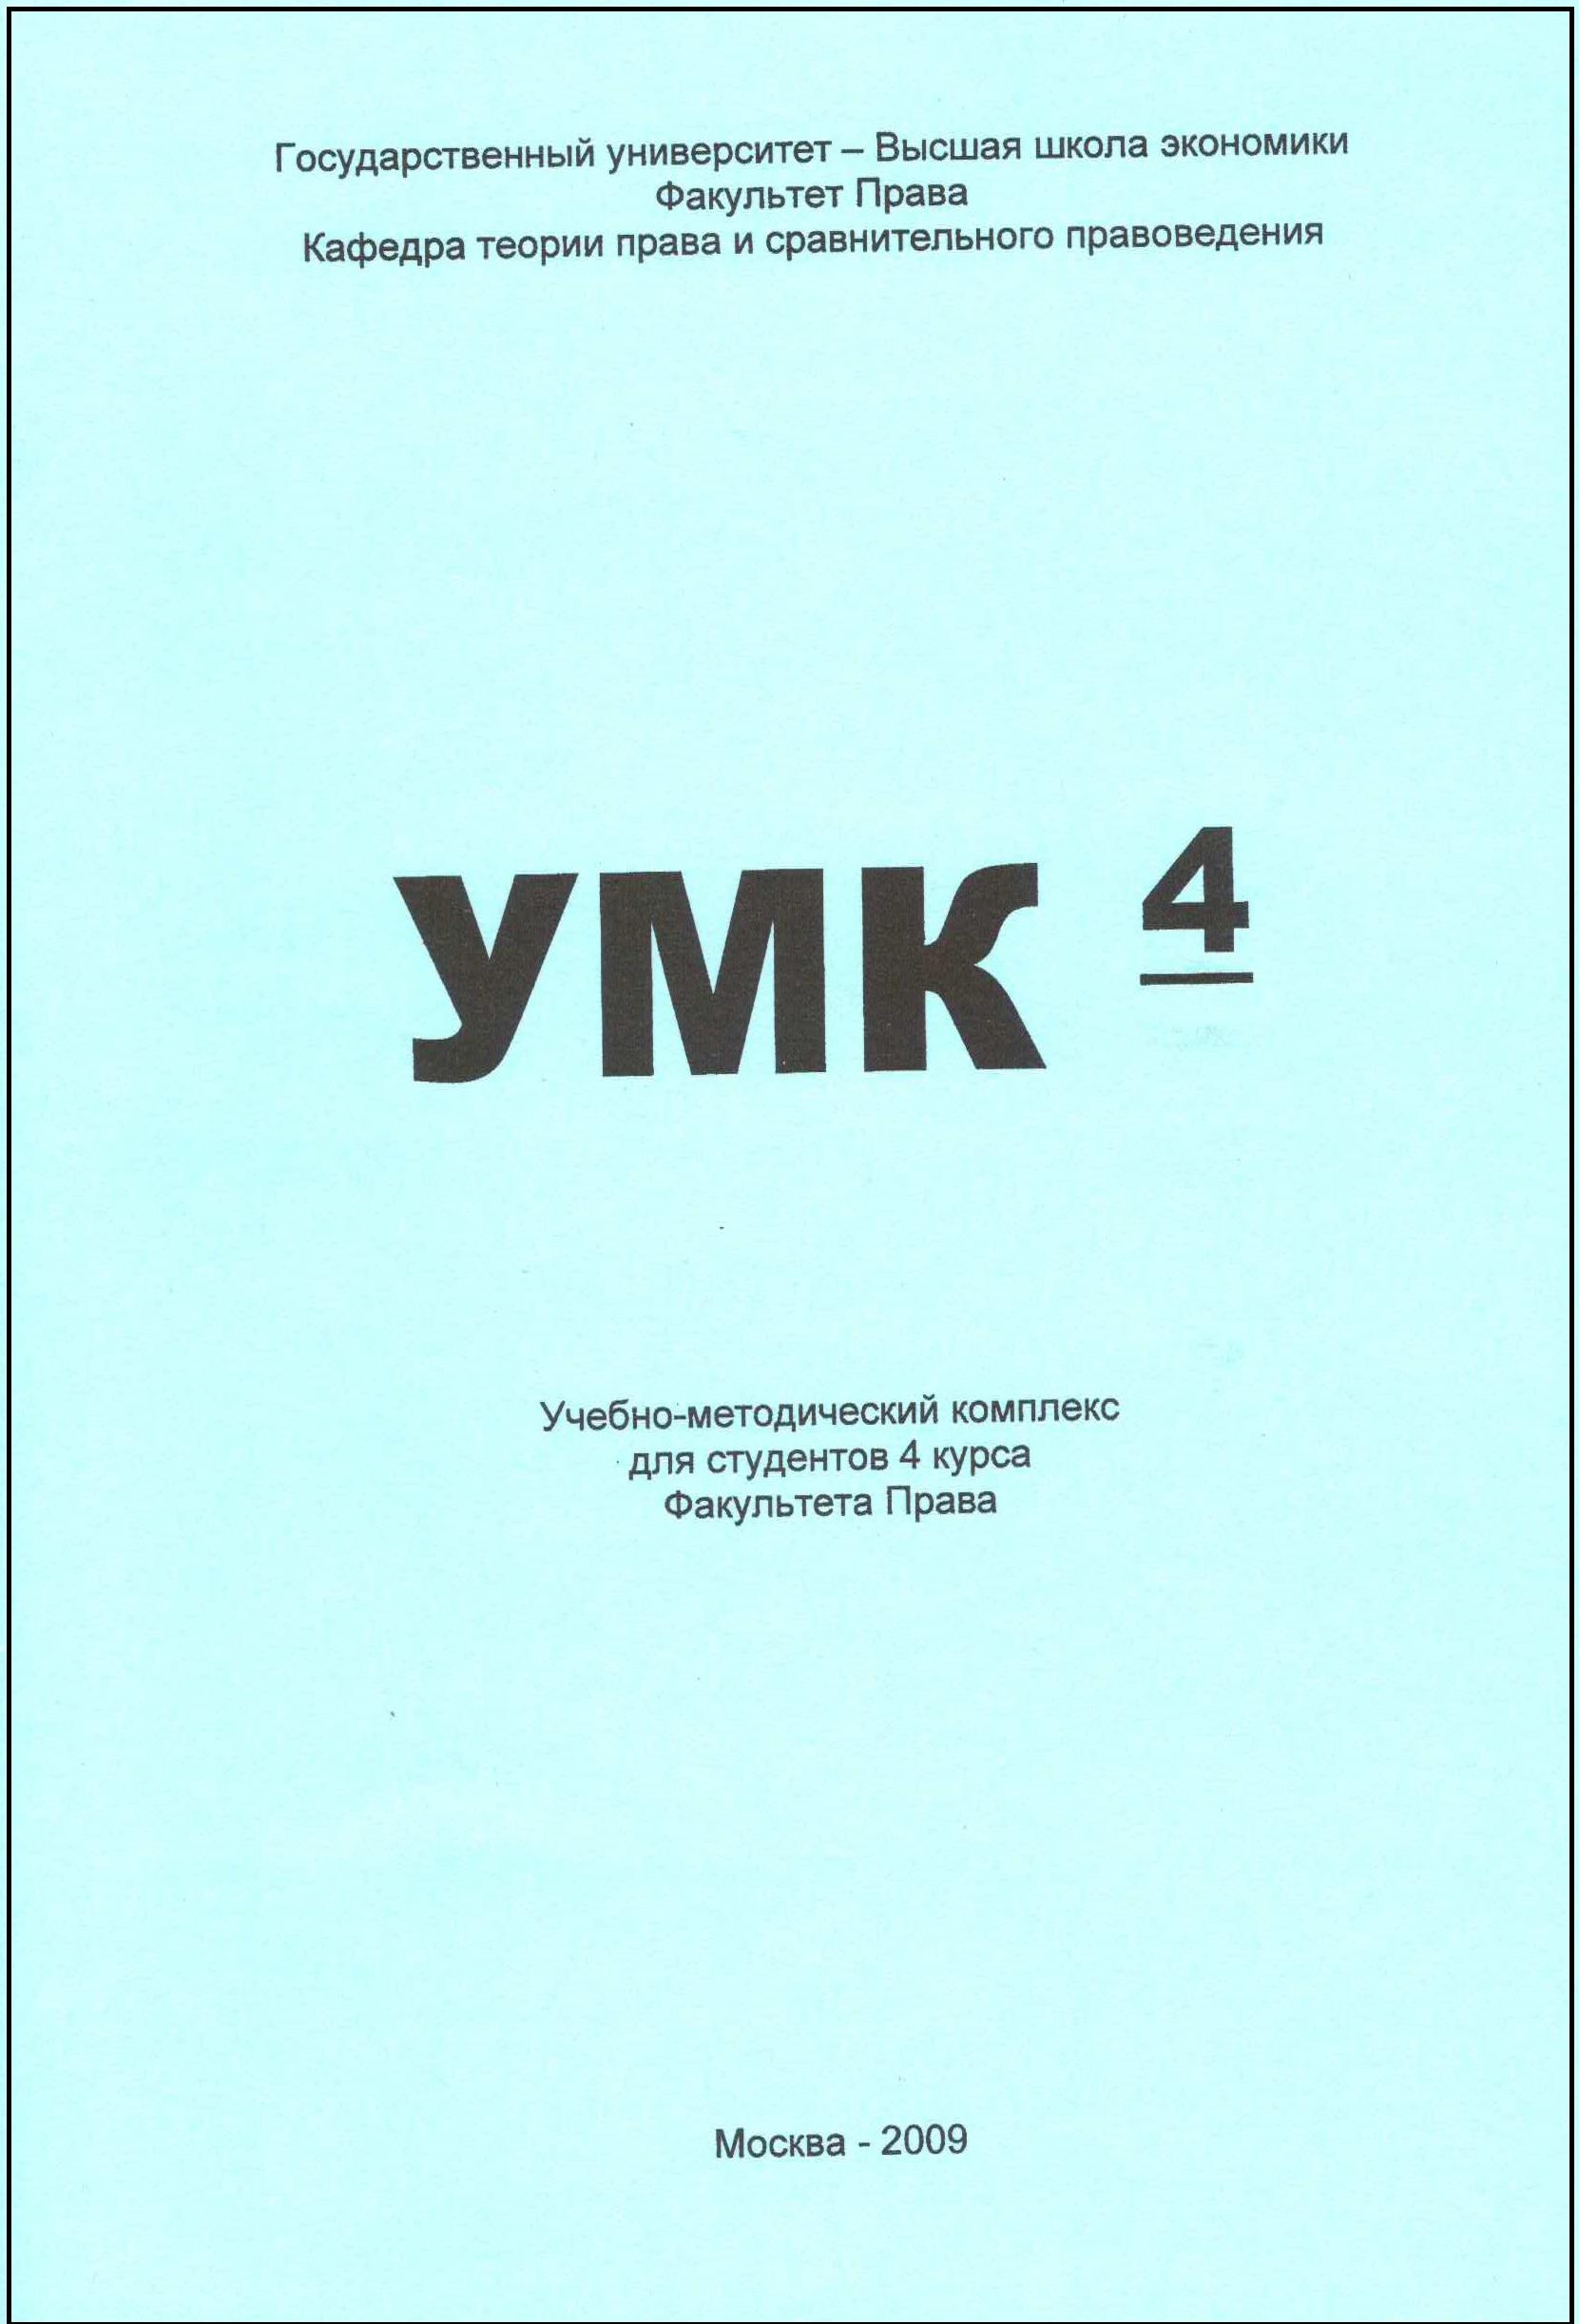 УМК - 4. Учебно-методический комплекс для студентов 4 курса Факультета права: учебное пособие.